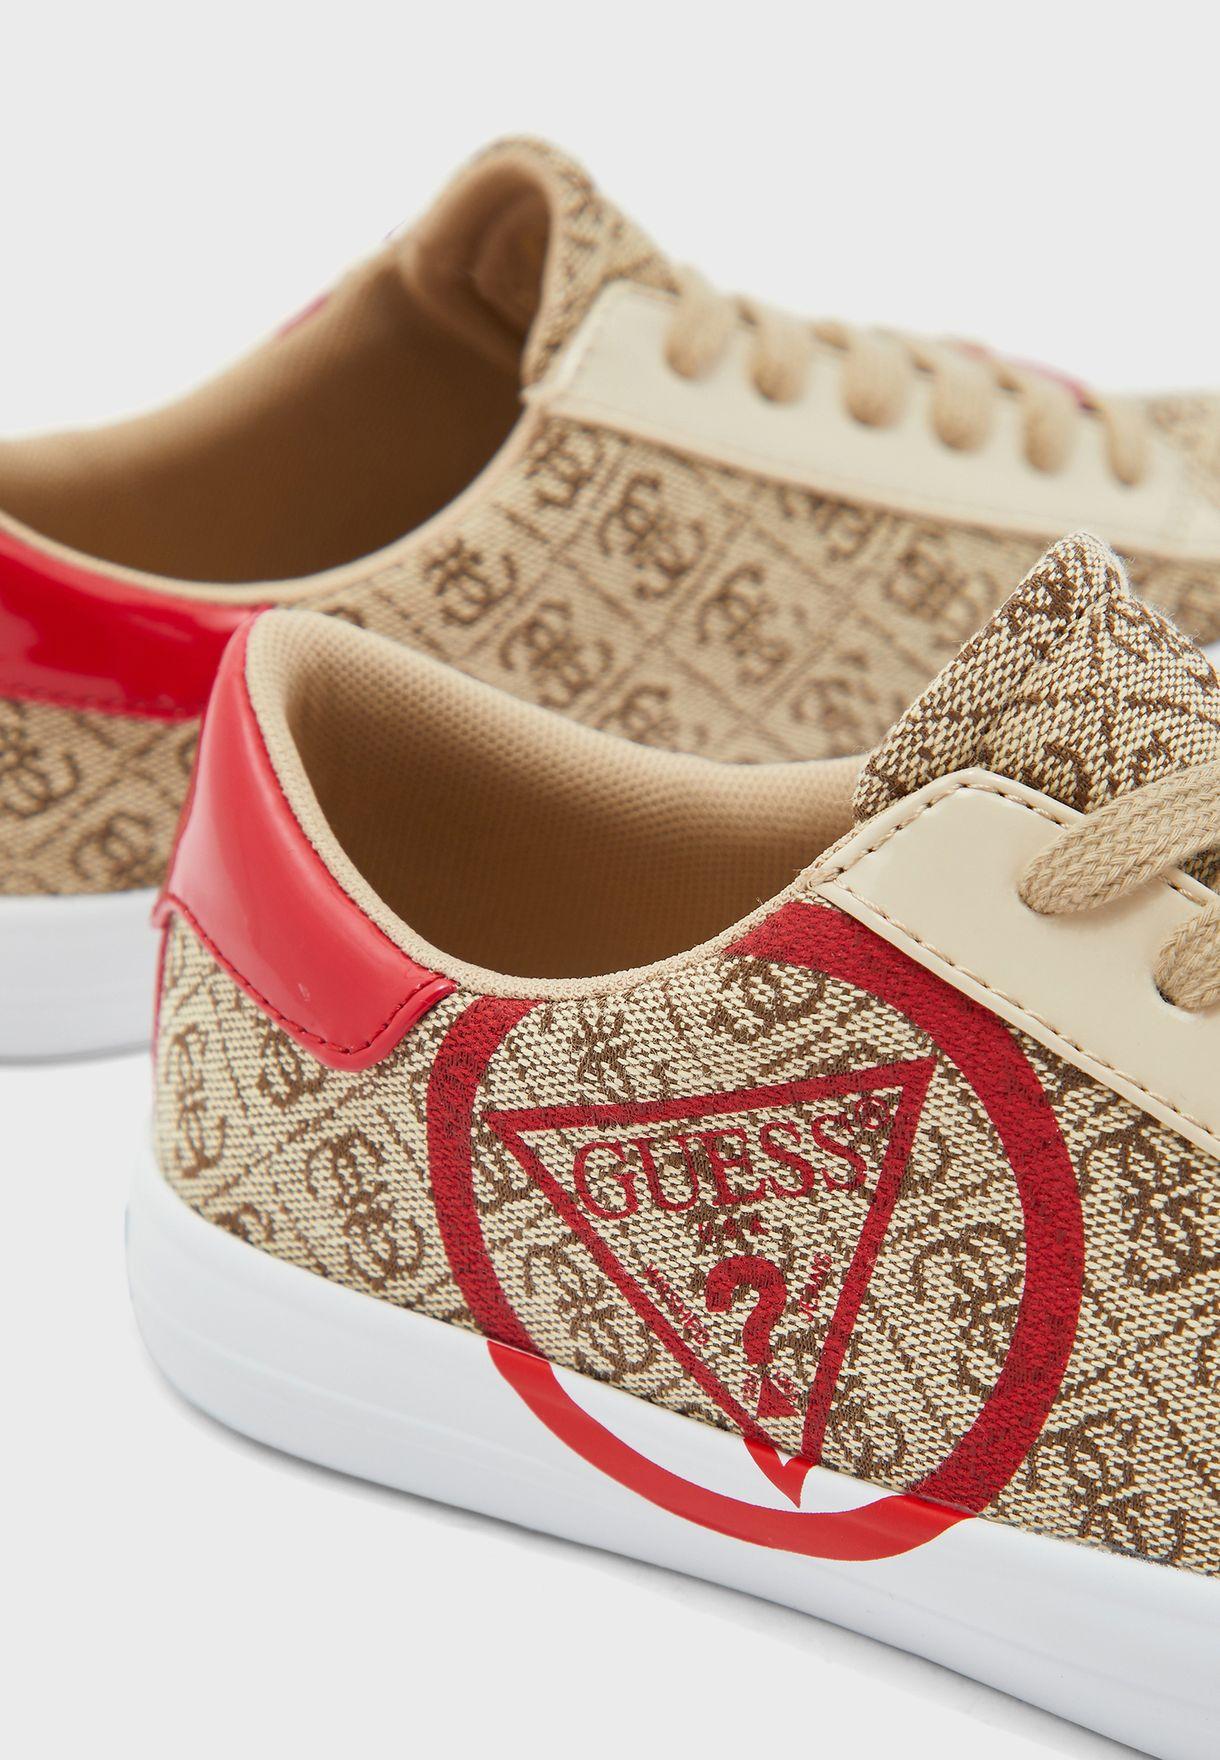 Garit Low Top Sneakers